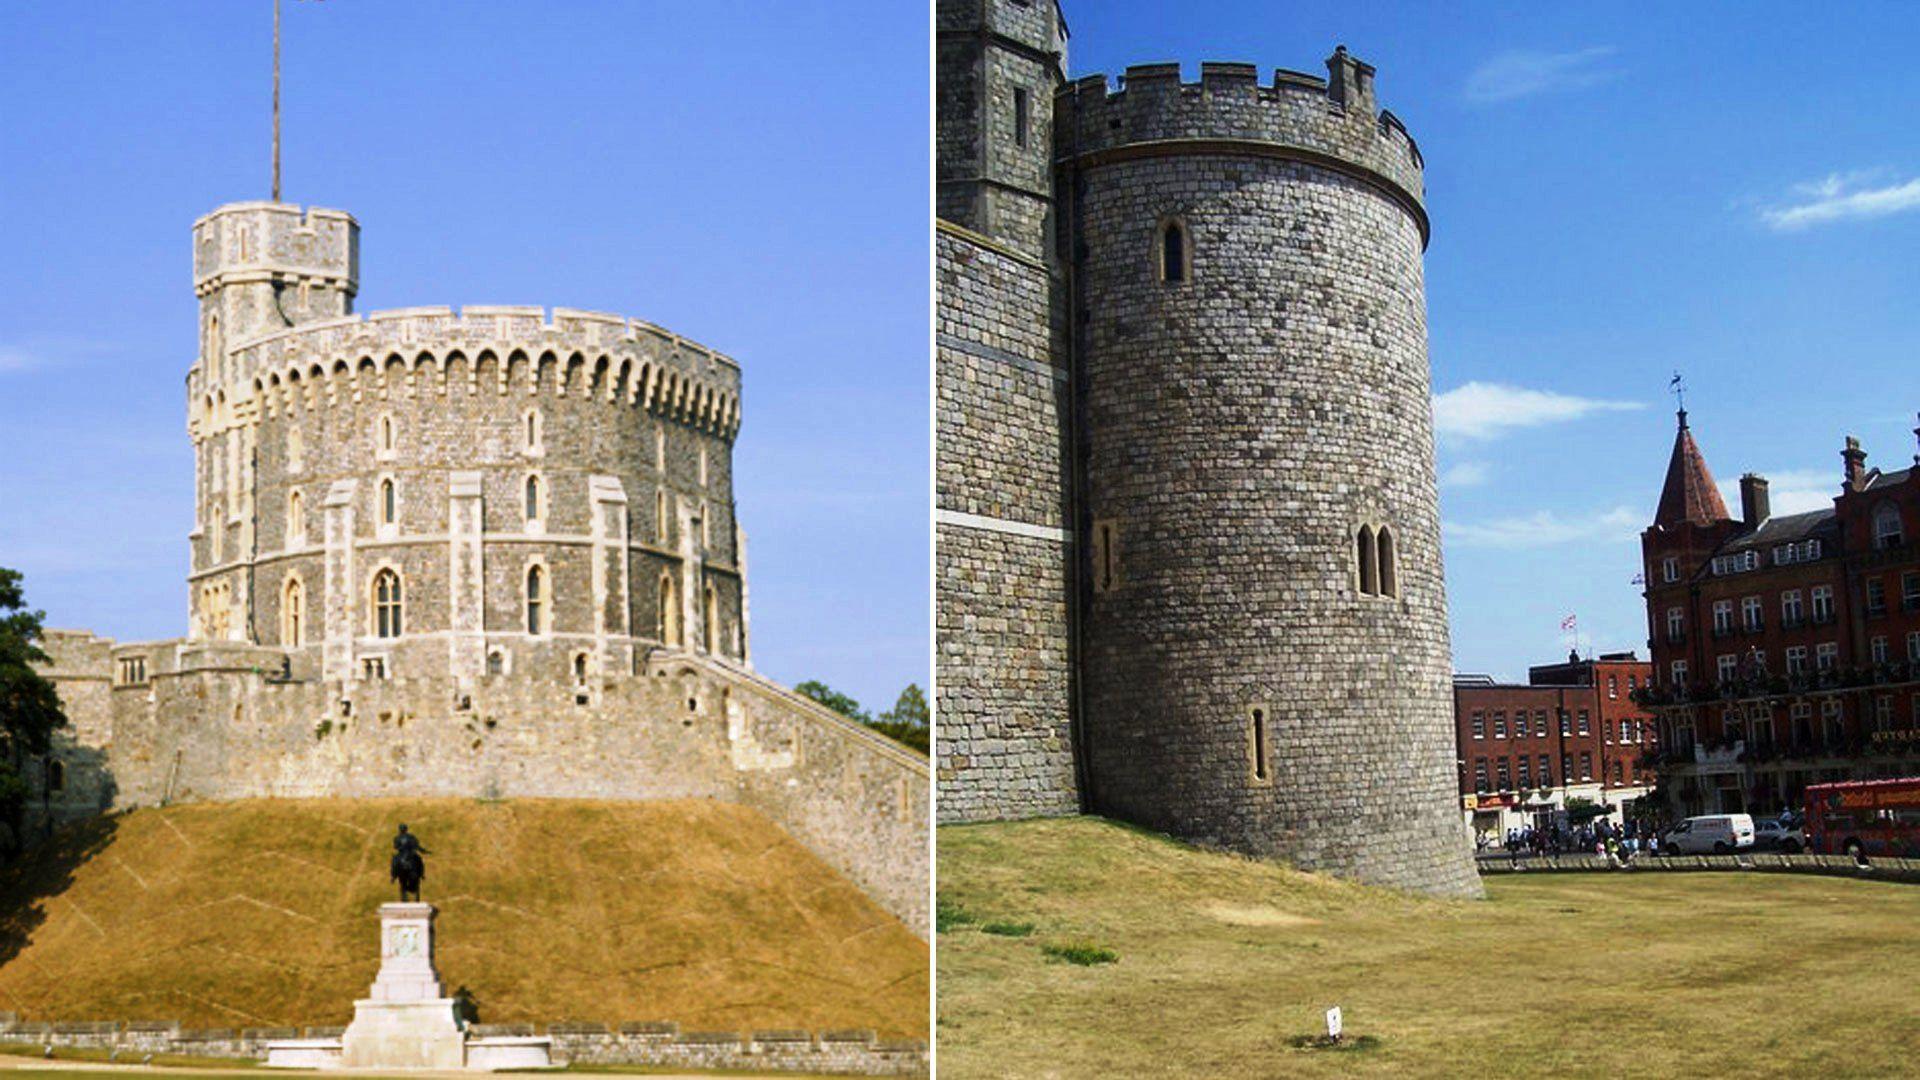 Windsor Castle Tourism, United Kingdom English castles